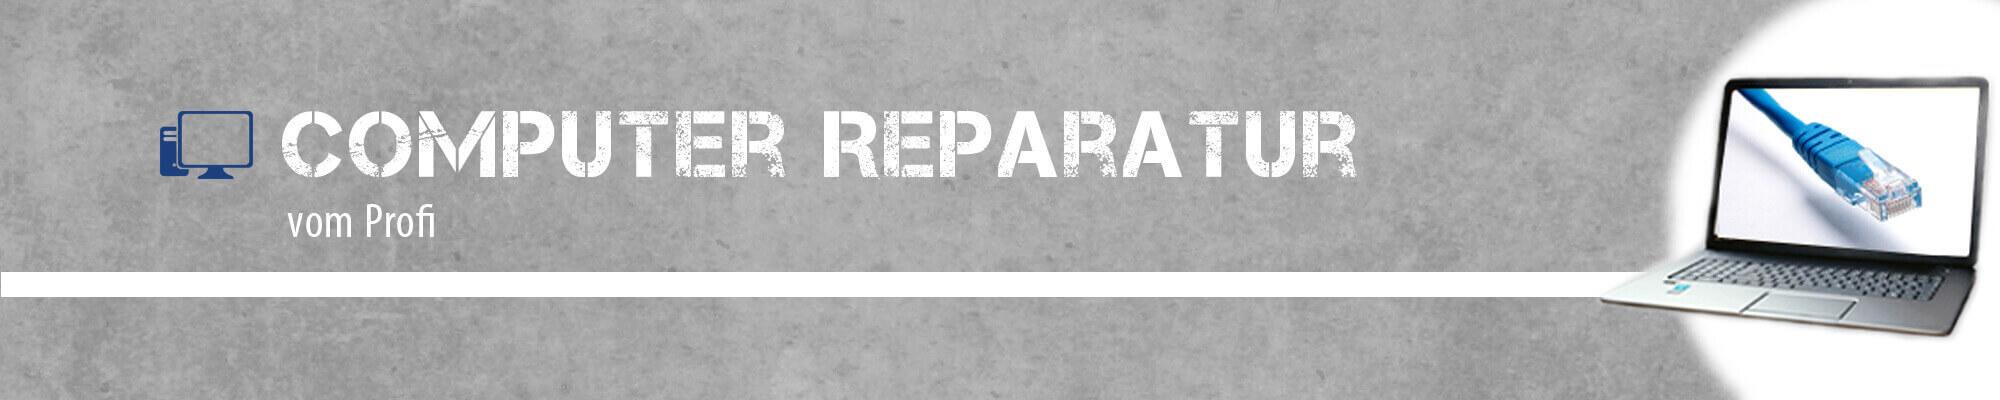 Titelbild Computer Reparatur